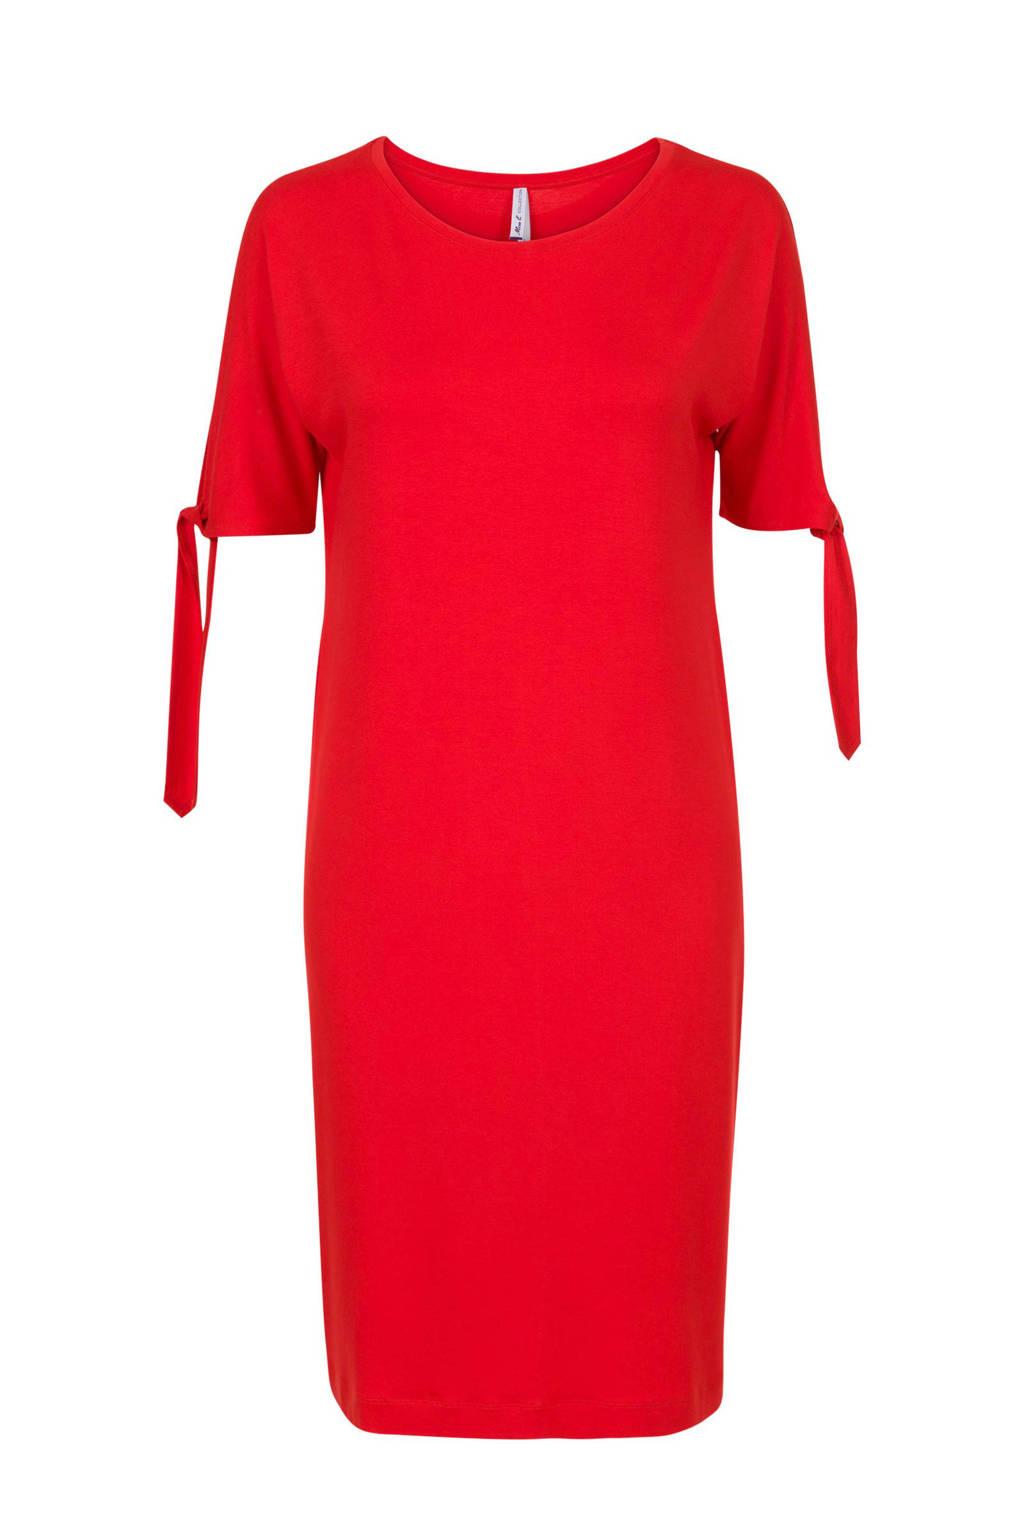 Miss Etam Regulier jurk met open mouwen, Rood